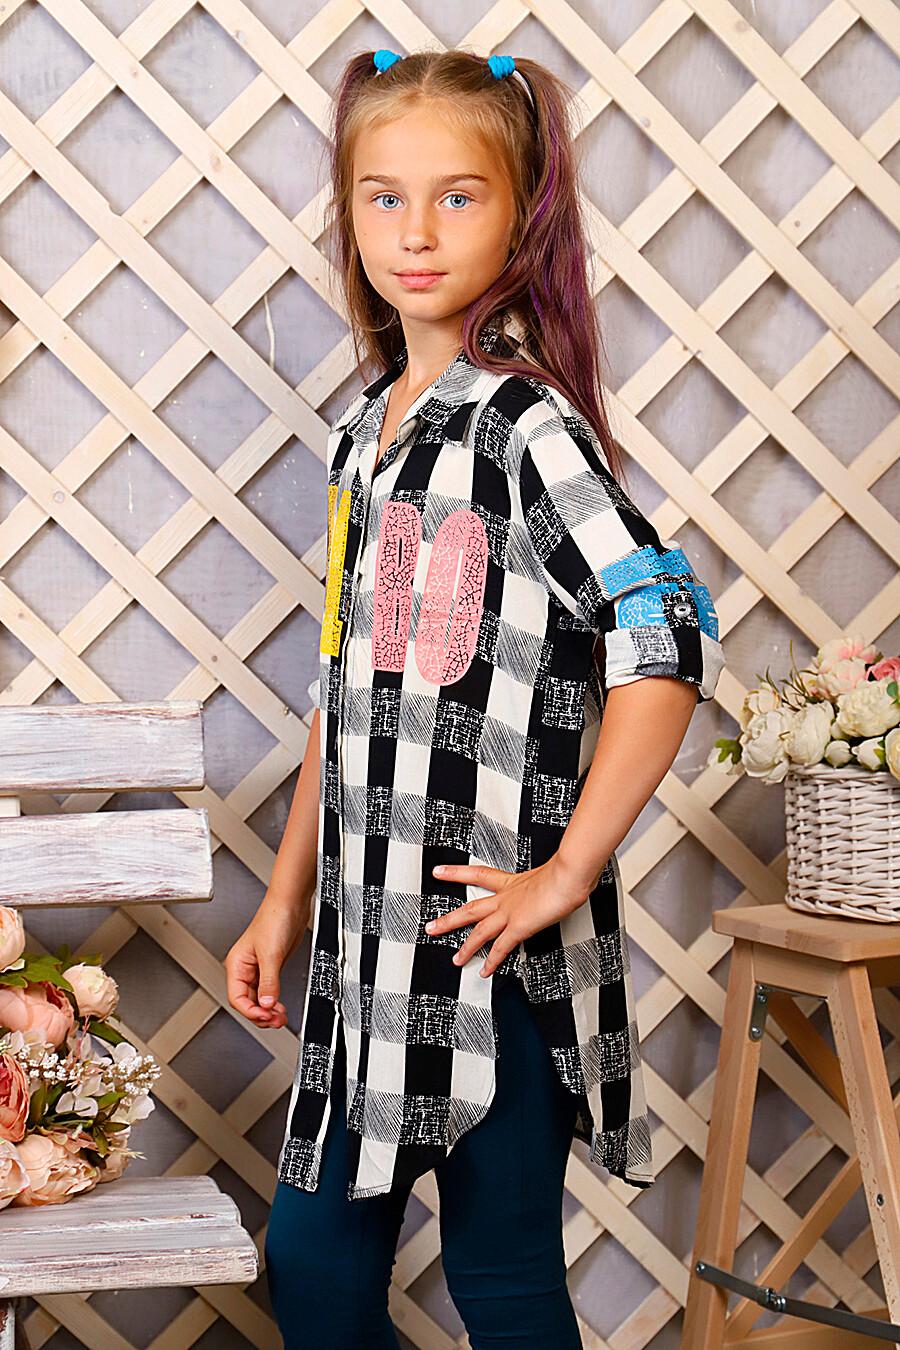 Туника-рубашка для девочек SOFIYA37 667930 купить оптом от производителя. Совместная покупка детской одежды в OptMoyo